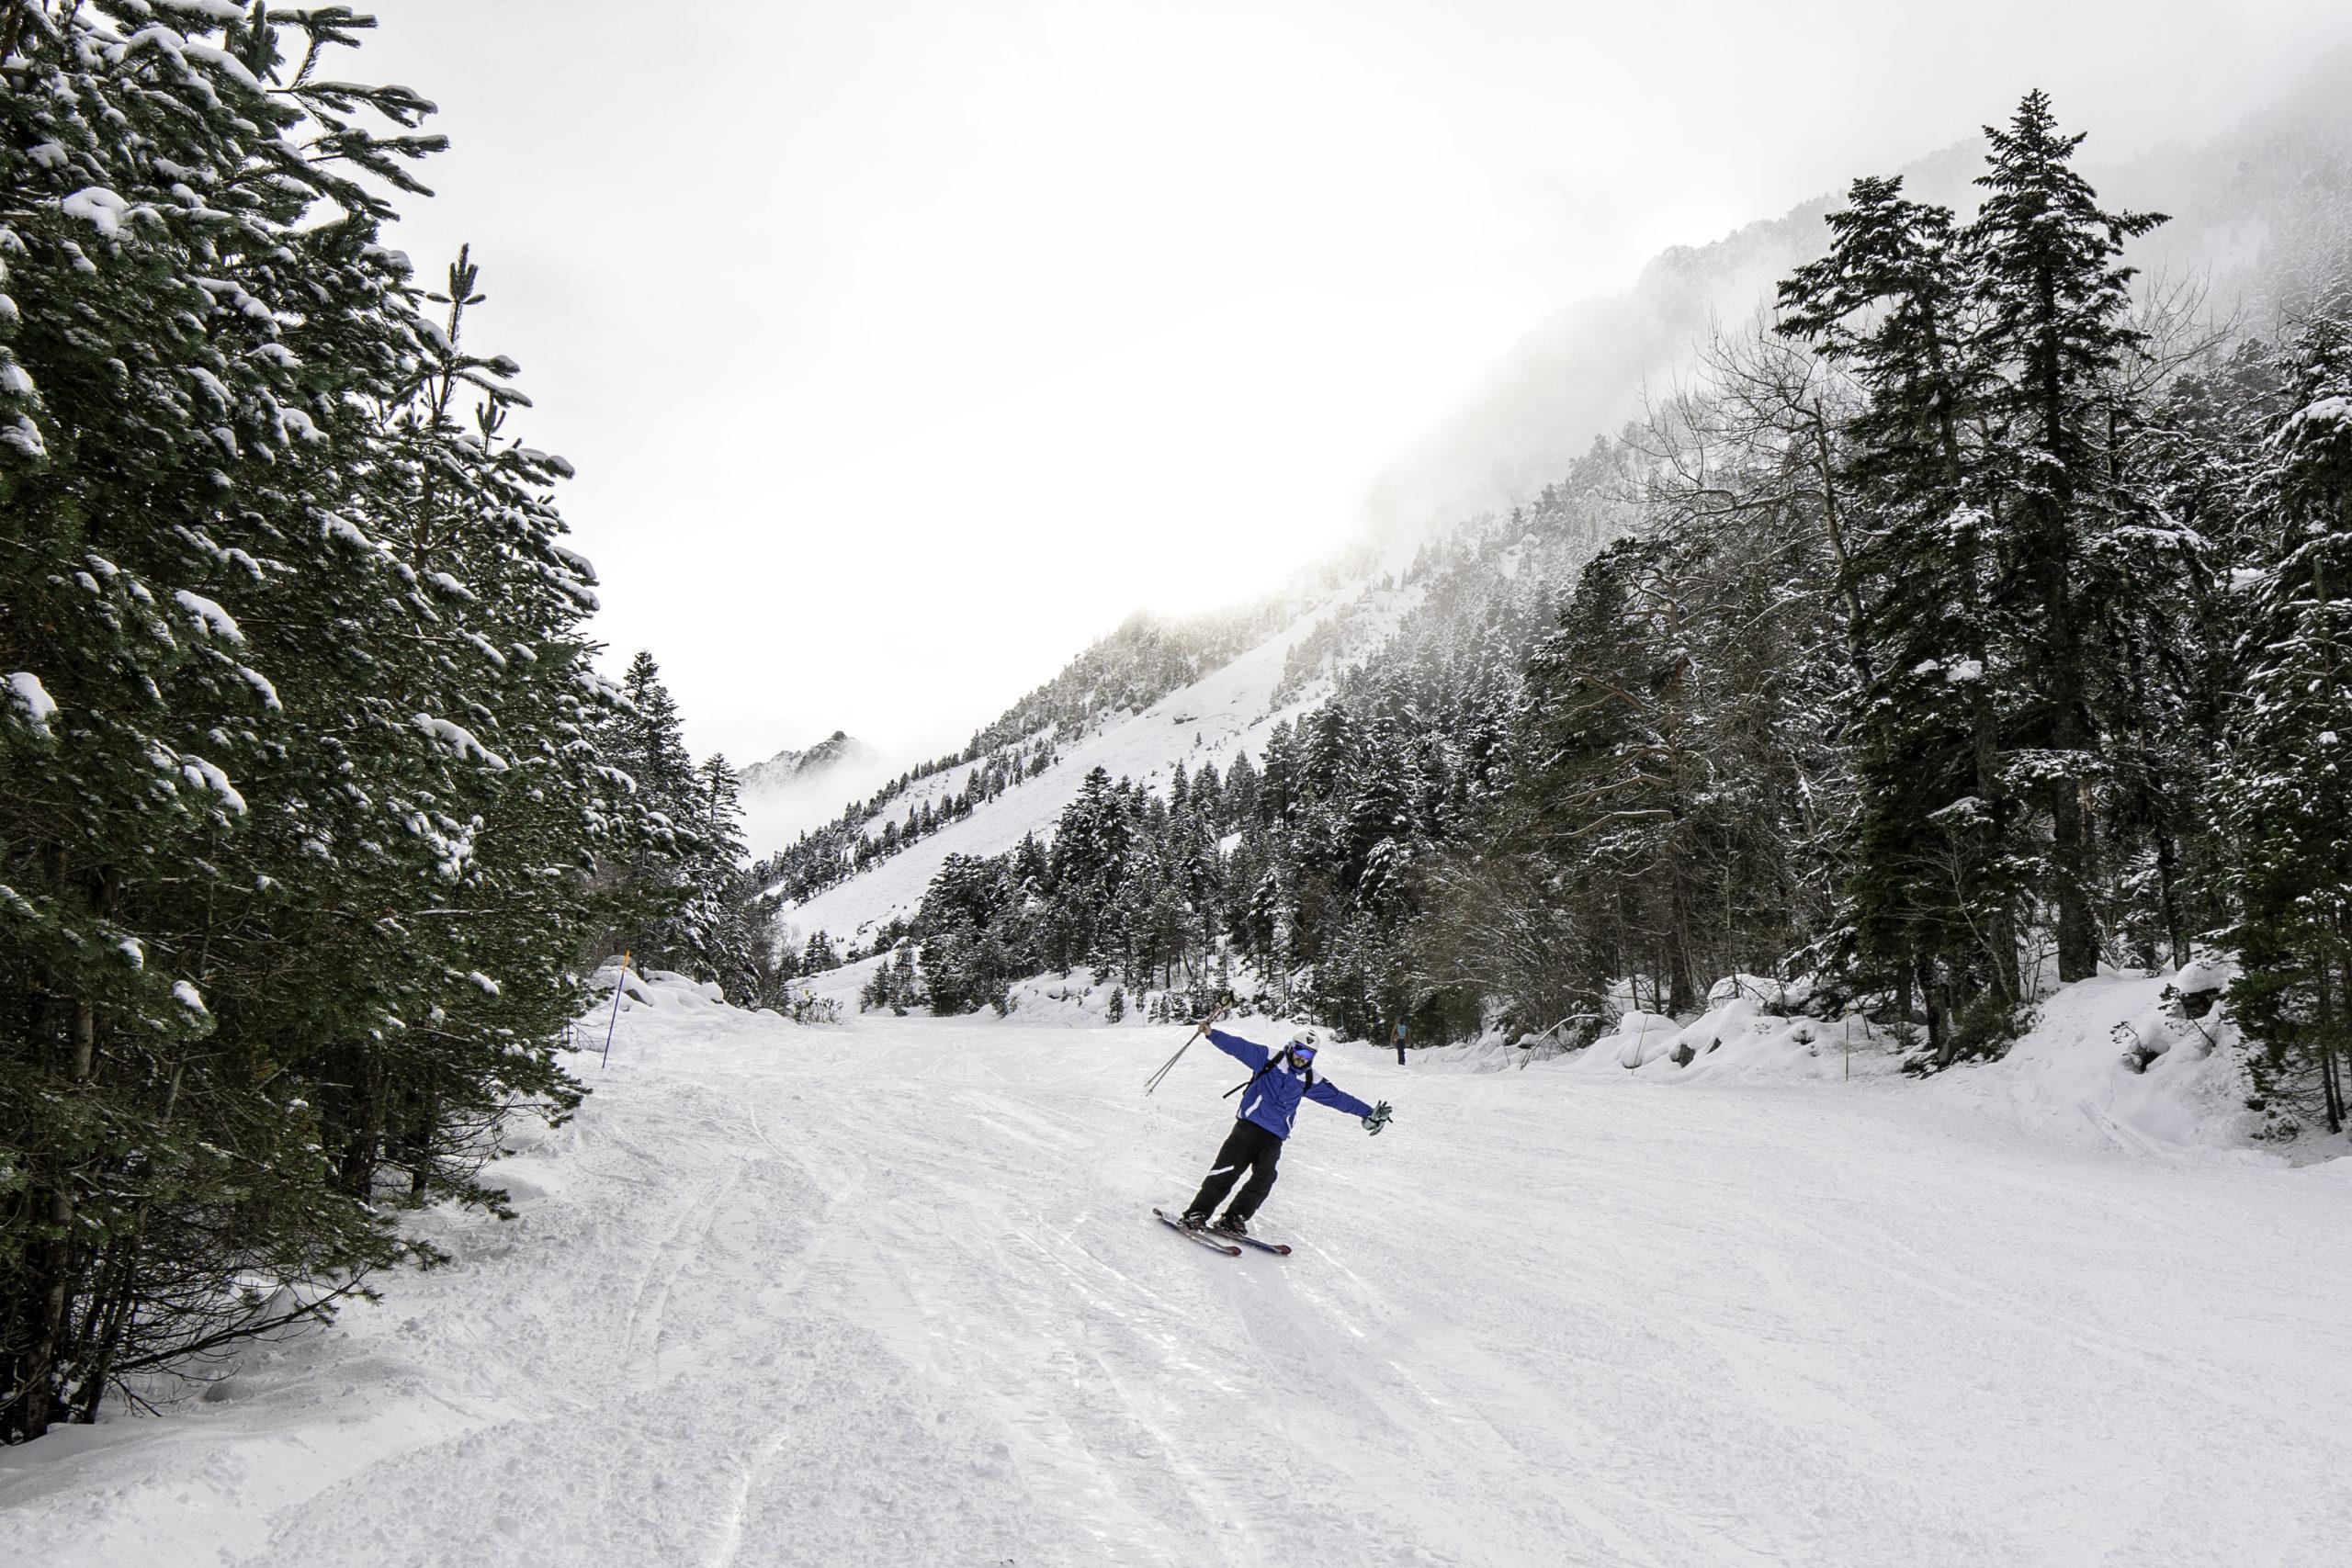 La Saison De Ski Demarre Ce Weekend Dans Les Hautes Pyrenees Alternative Media